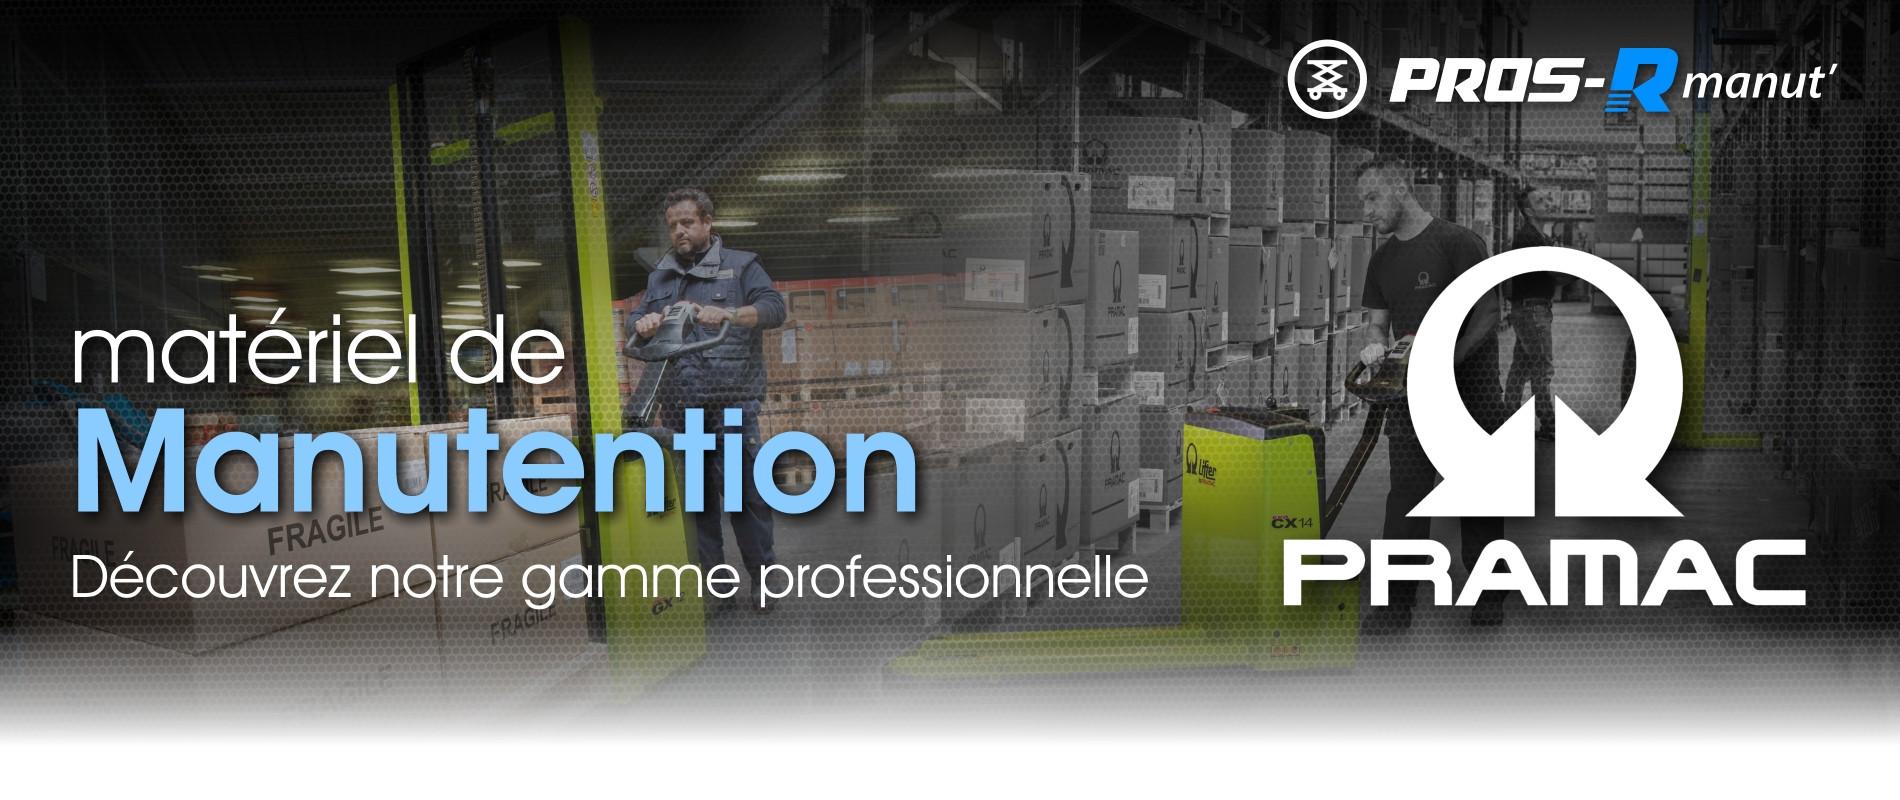 Découvrez notre gamme professionnelle - Pros-R Manut